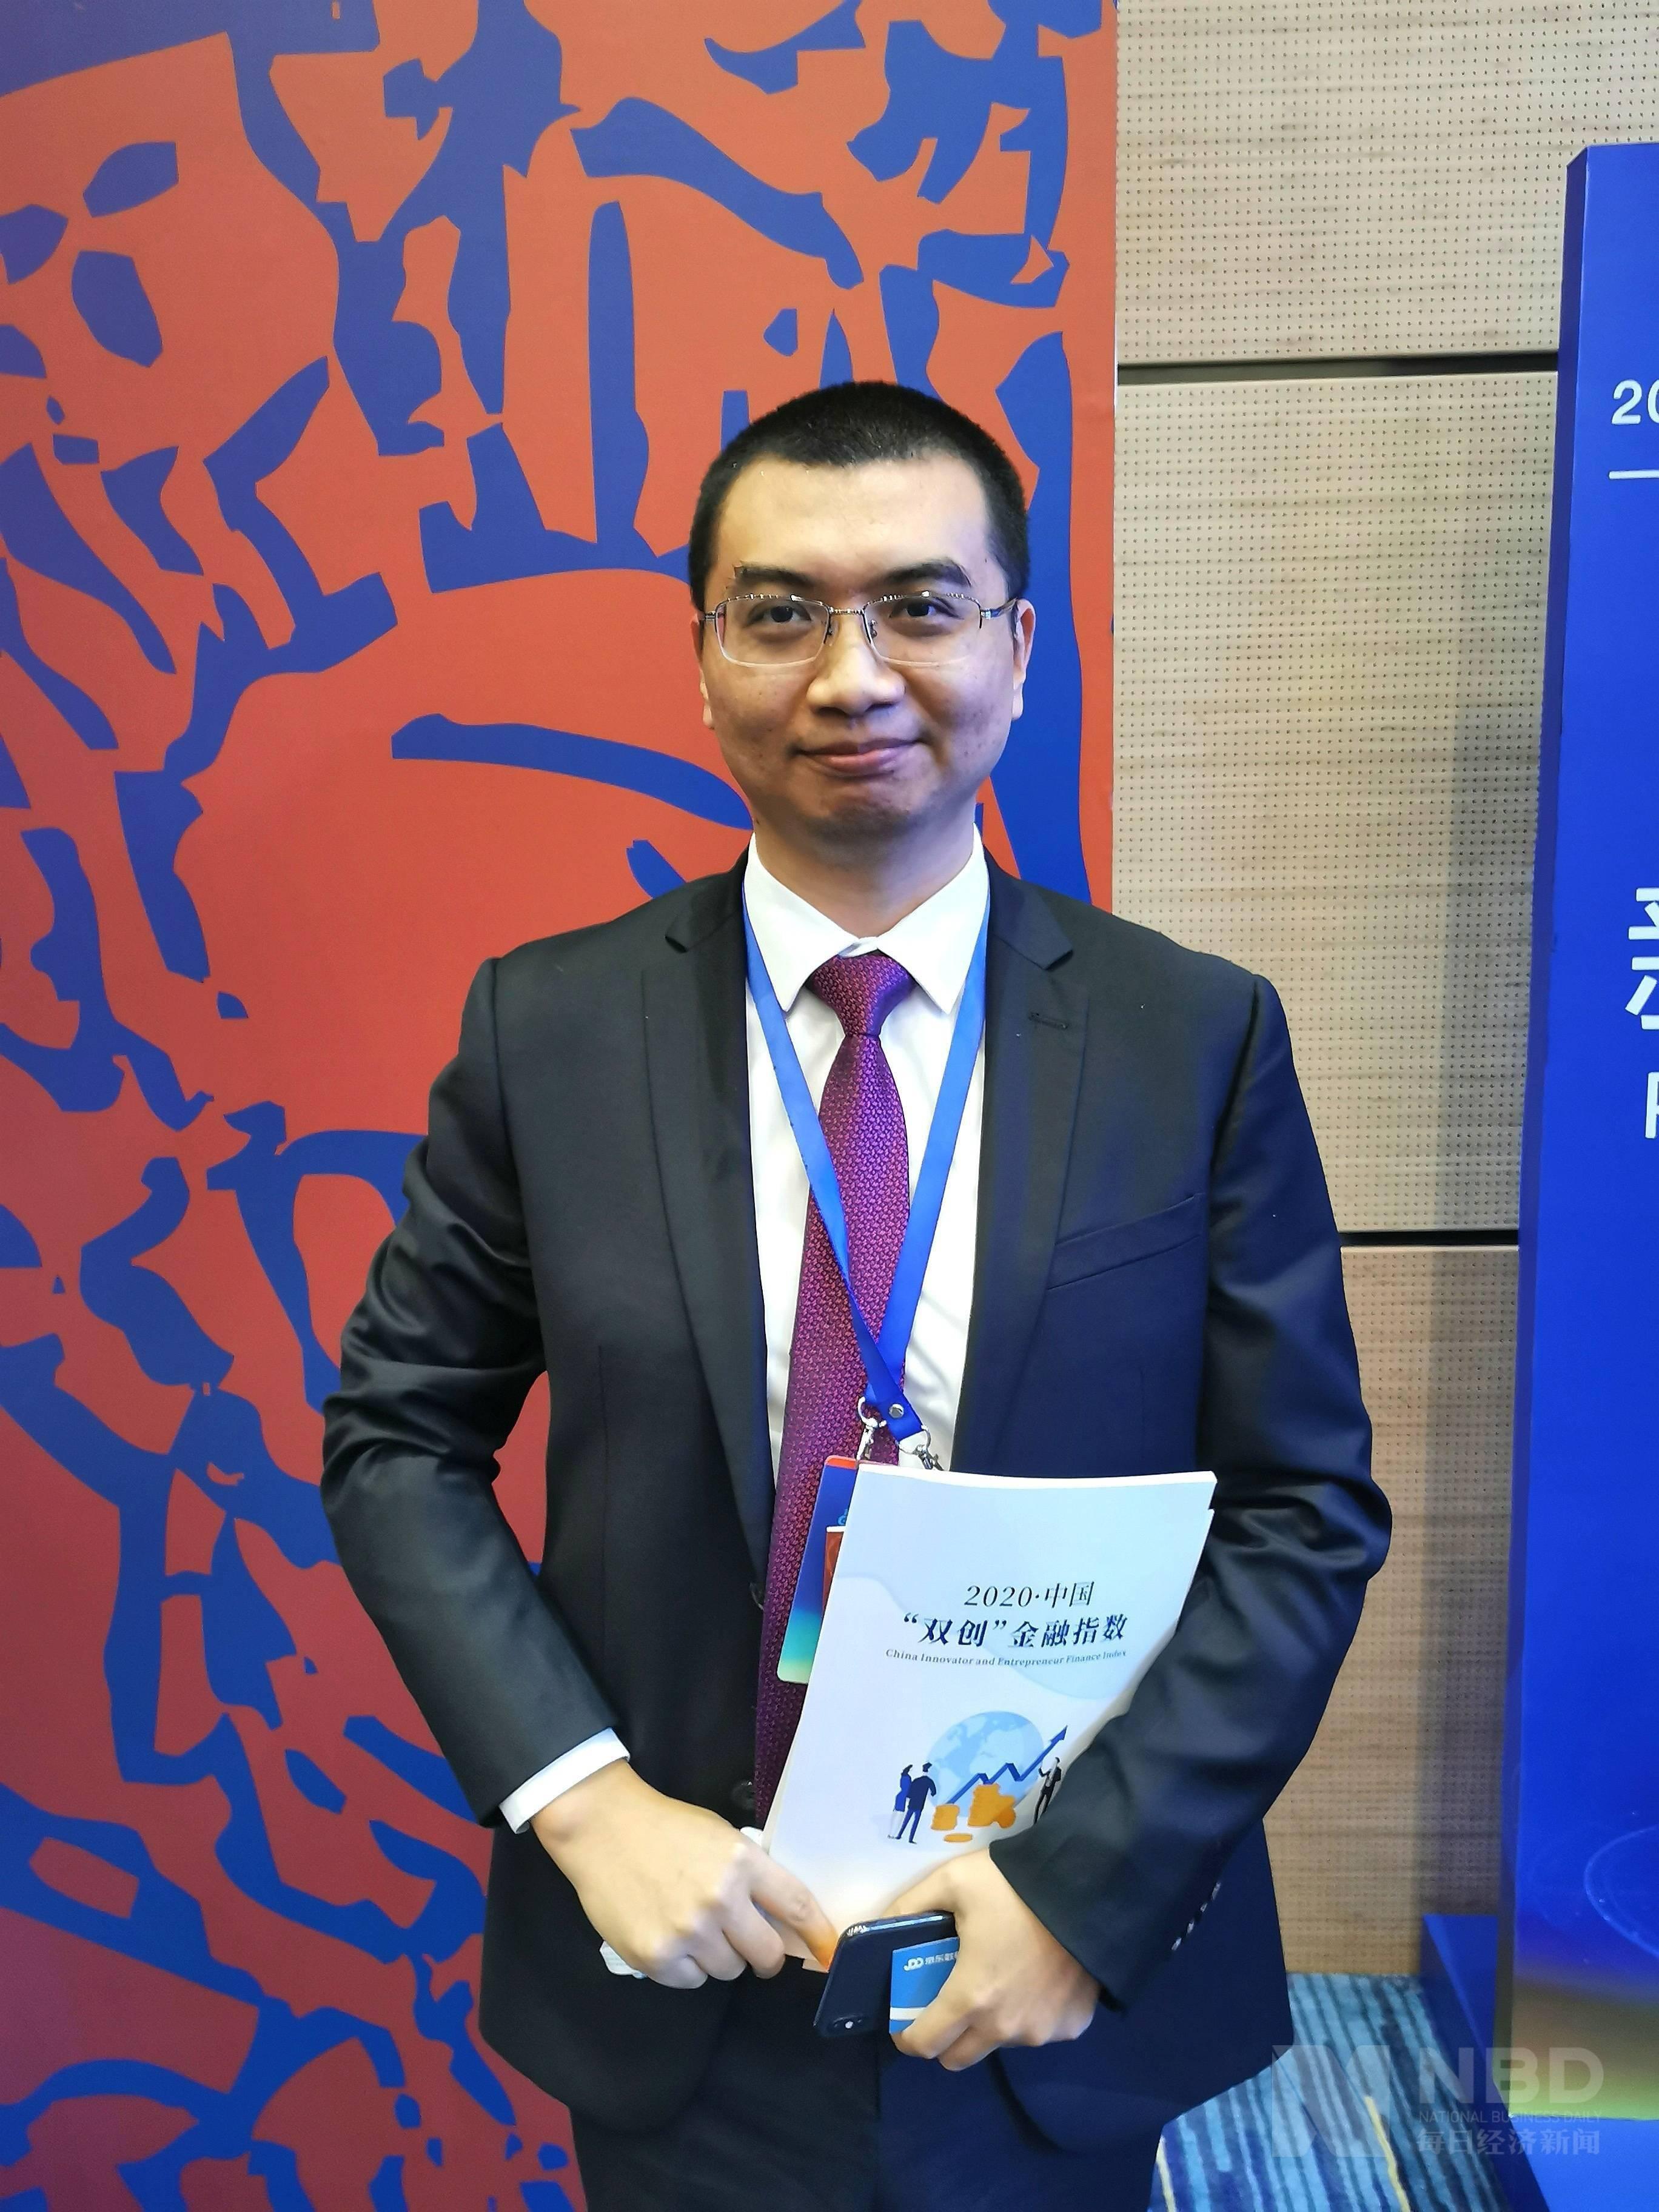 专访中国(深圳)综合开发研究院金融与现代产业研究所副所长余凌曲:成都作为金融中心的